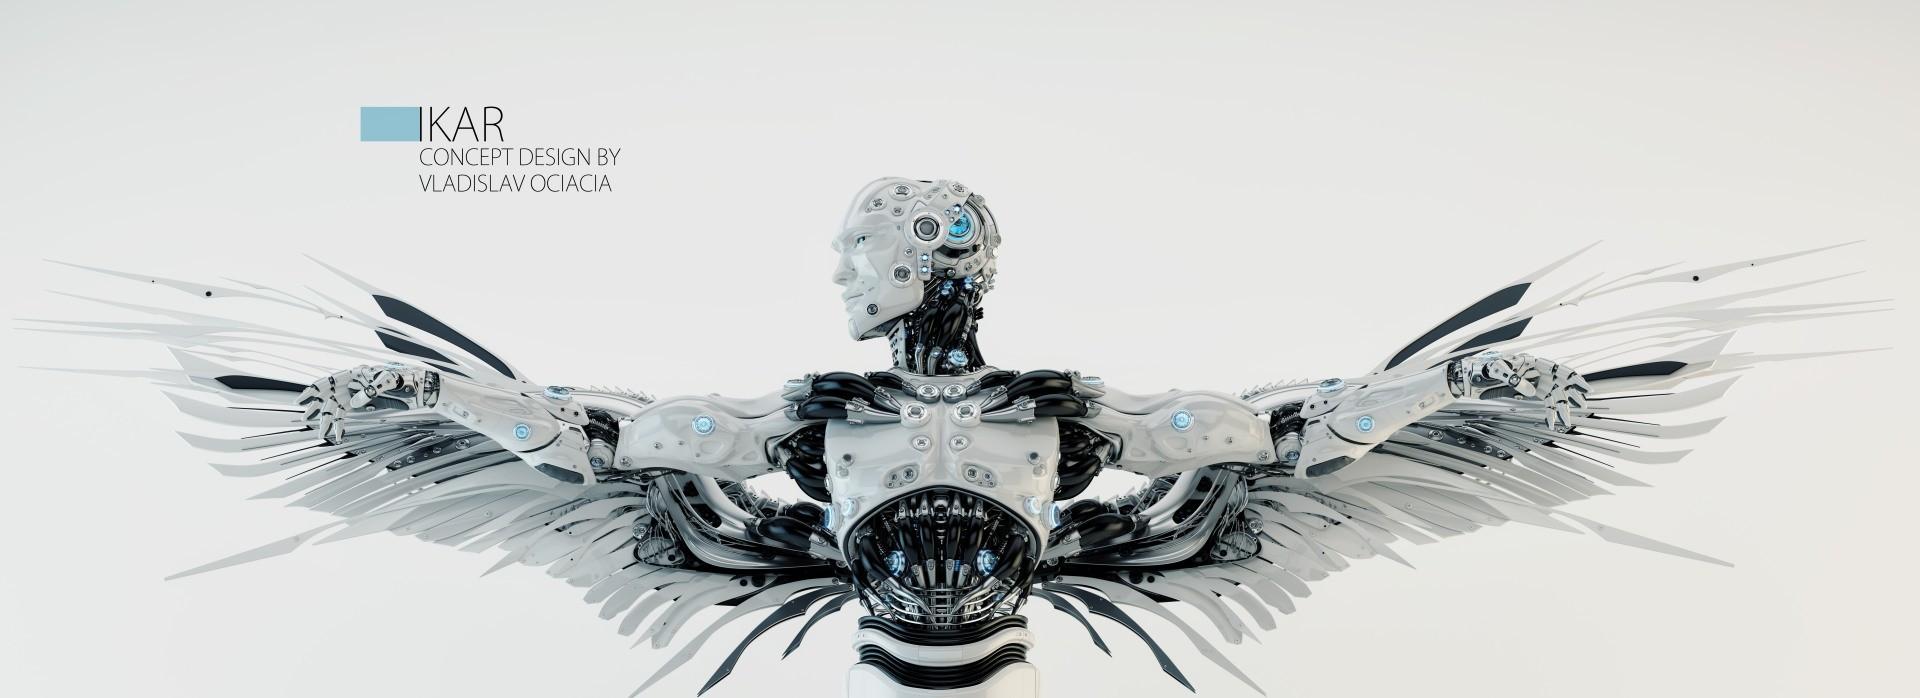 Vladislav ociacia robot ikar 3